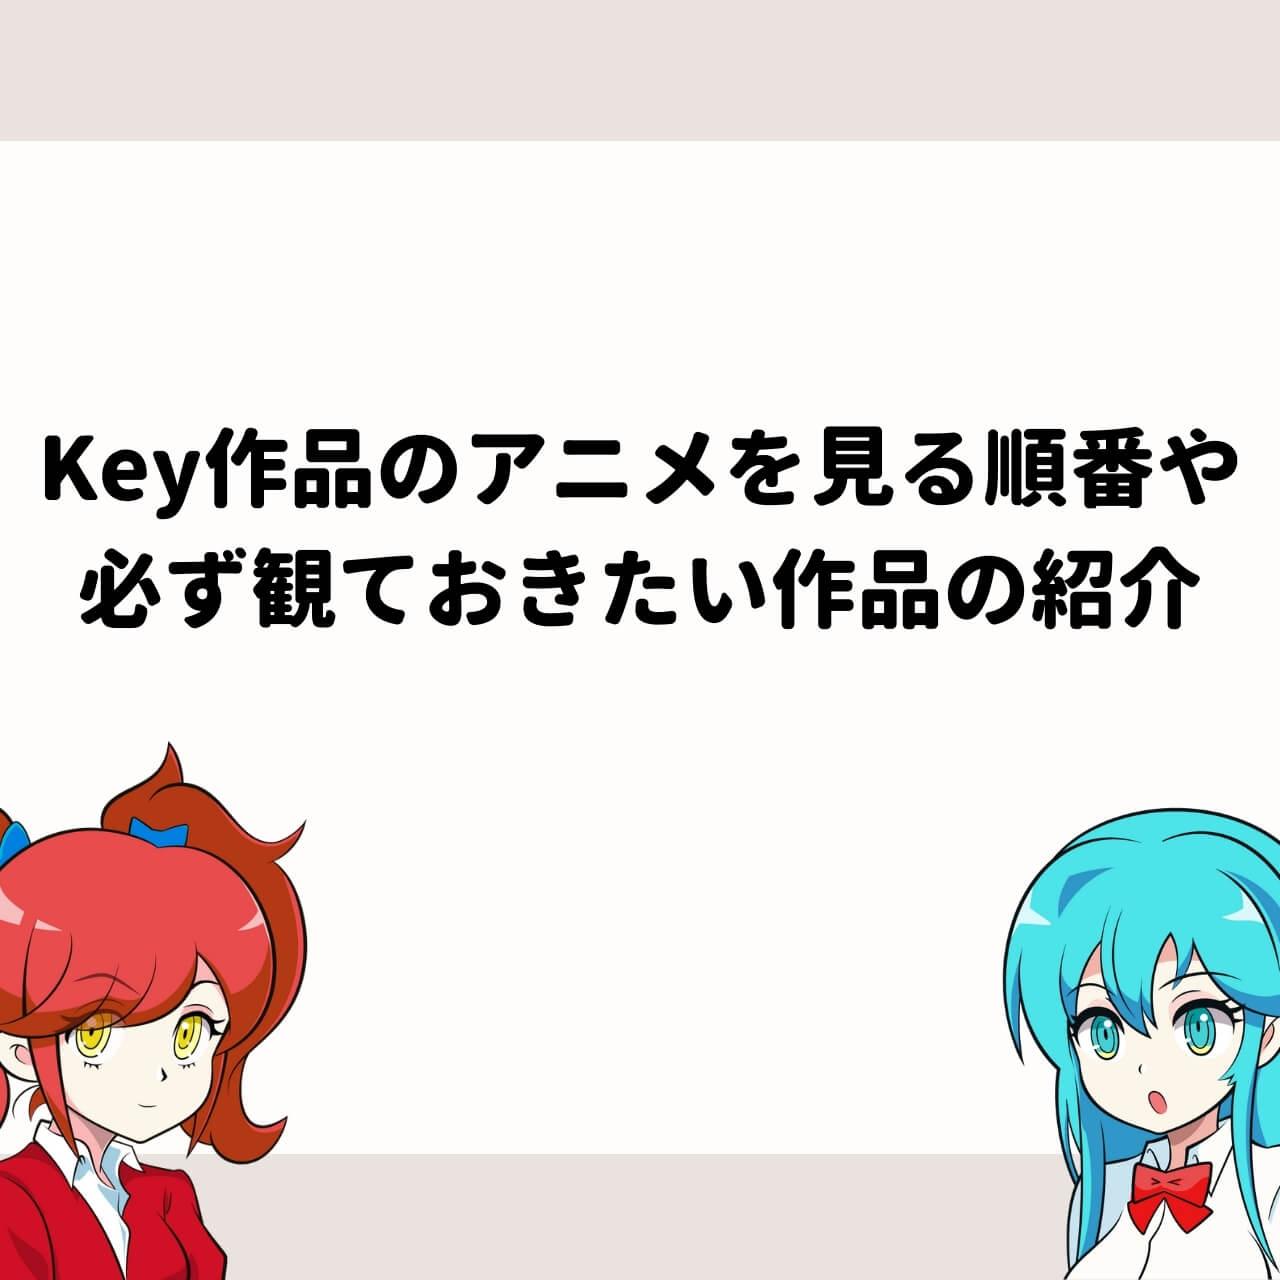 順番 ソード アート オンライン アニメ